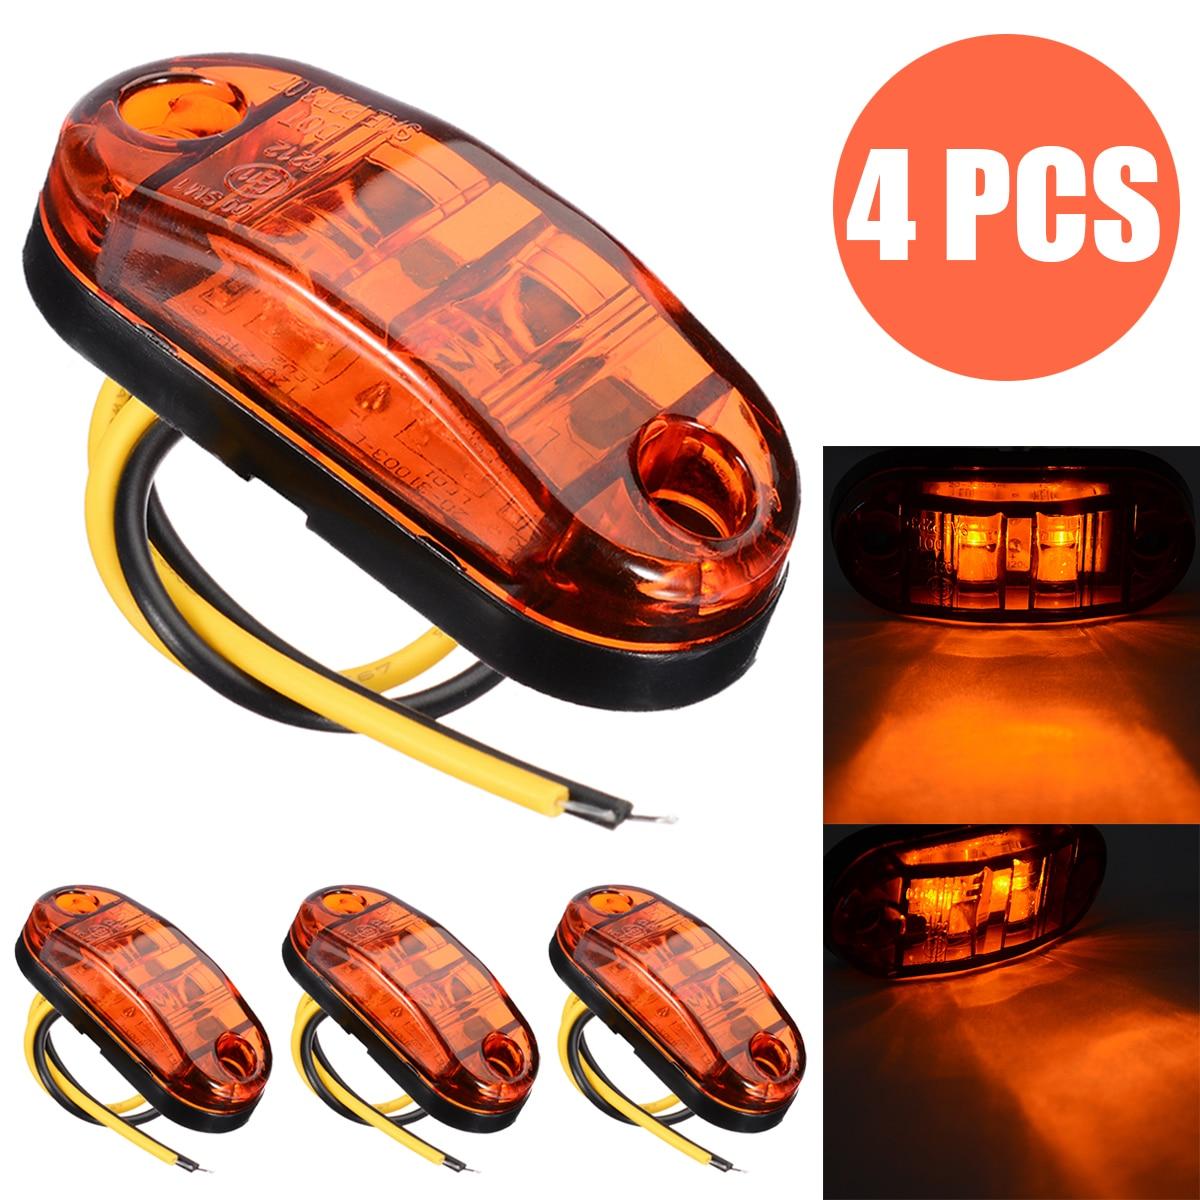 Mayitr 4pcs 12V/24V 2LED Car Trailer Truck Side Marker Indicator Light Amber Lamps New